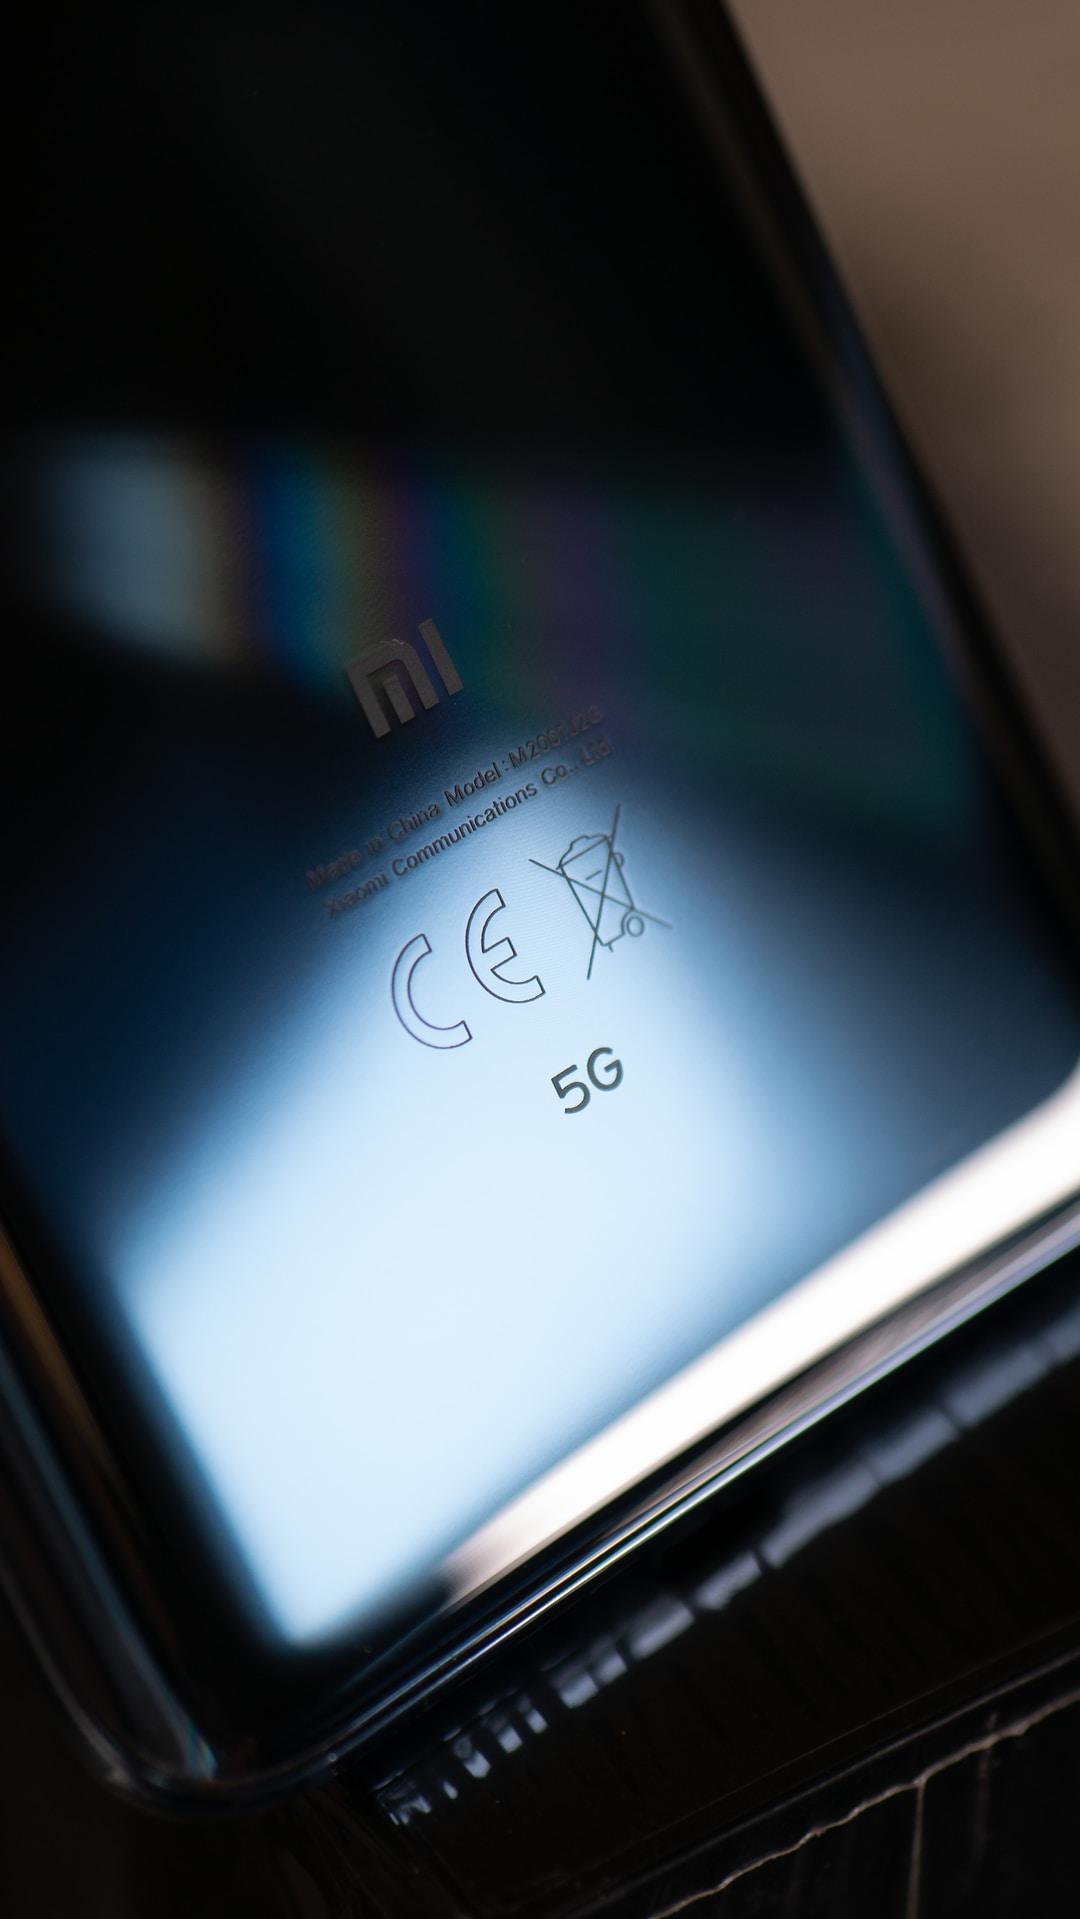 Hvordan forventes den hastige vækst af 5G at påvirke streaming-tjenester i 2022?